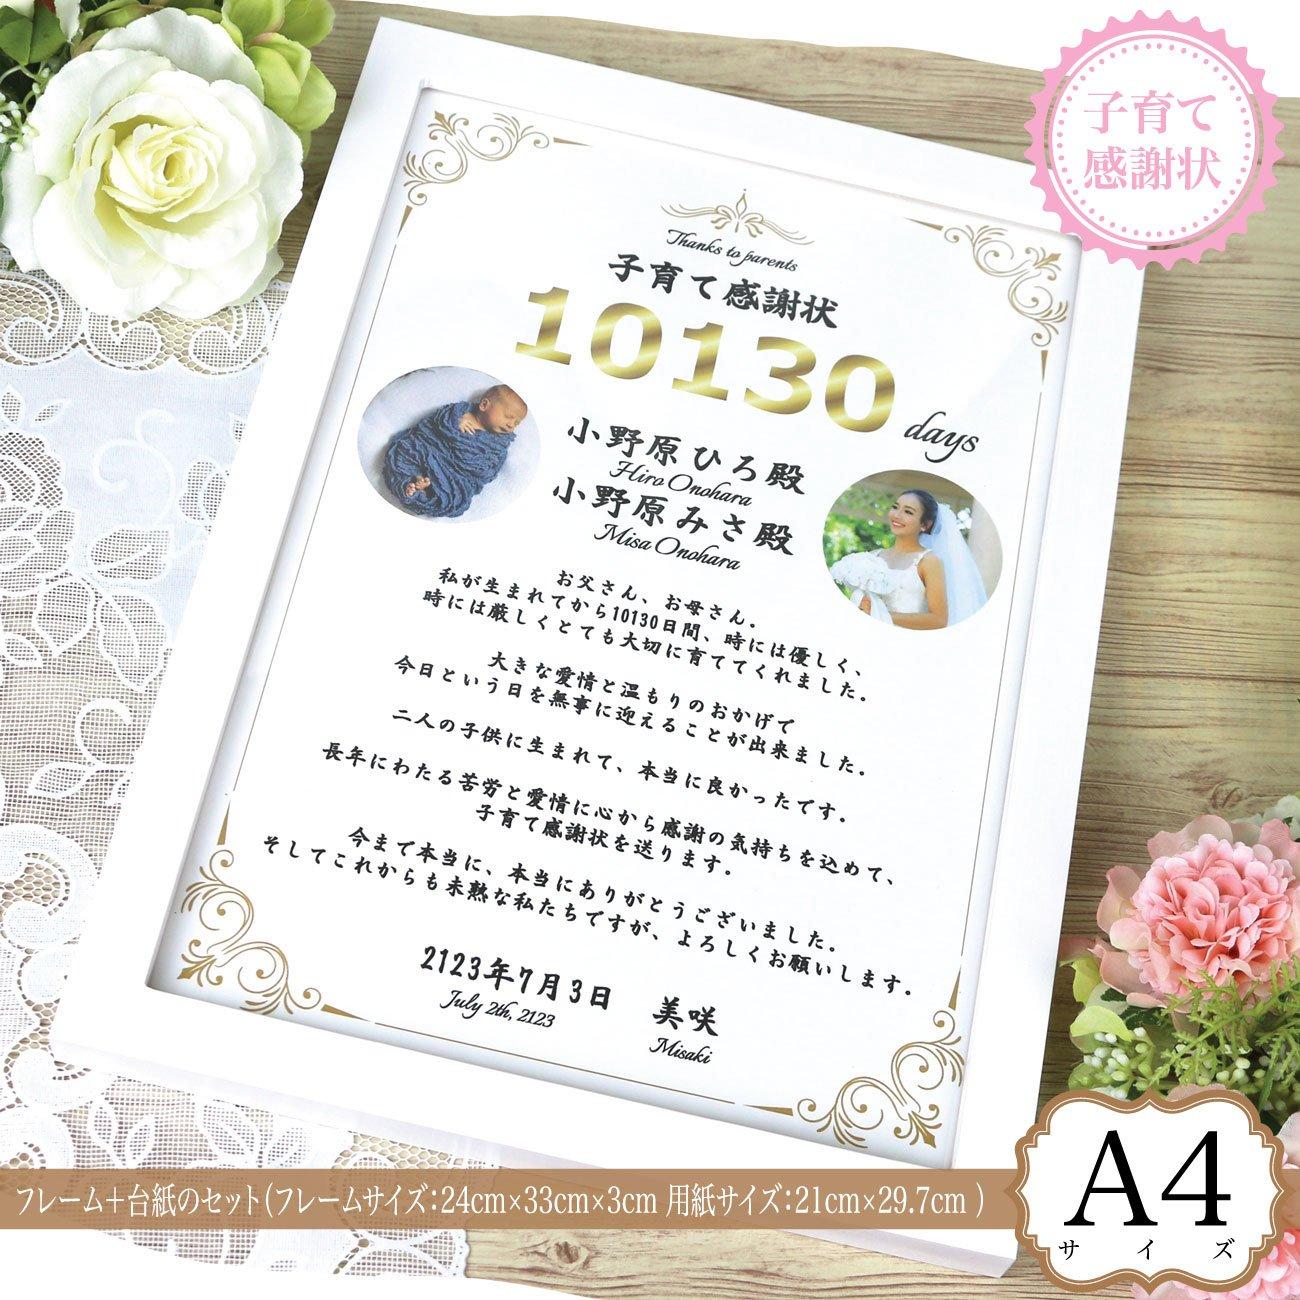 子育て感謝状 感謝状 両親への感謝状 両親へのプレゼント 結婚式 ブライダル ウェディングアイテム A4 サイズ (ナチュラル) B07B3Q2QYBナチュラル